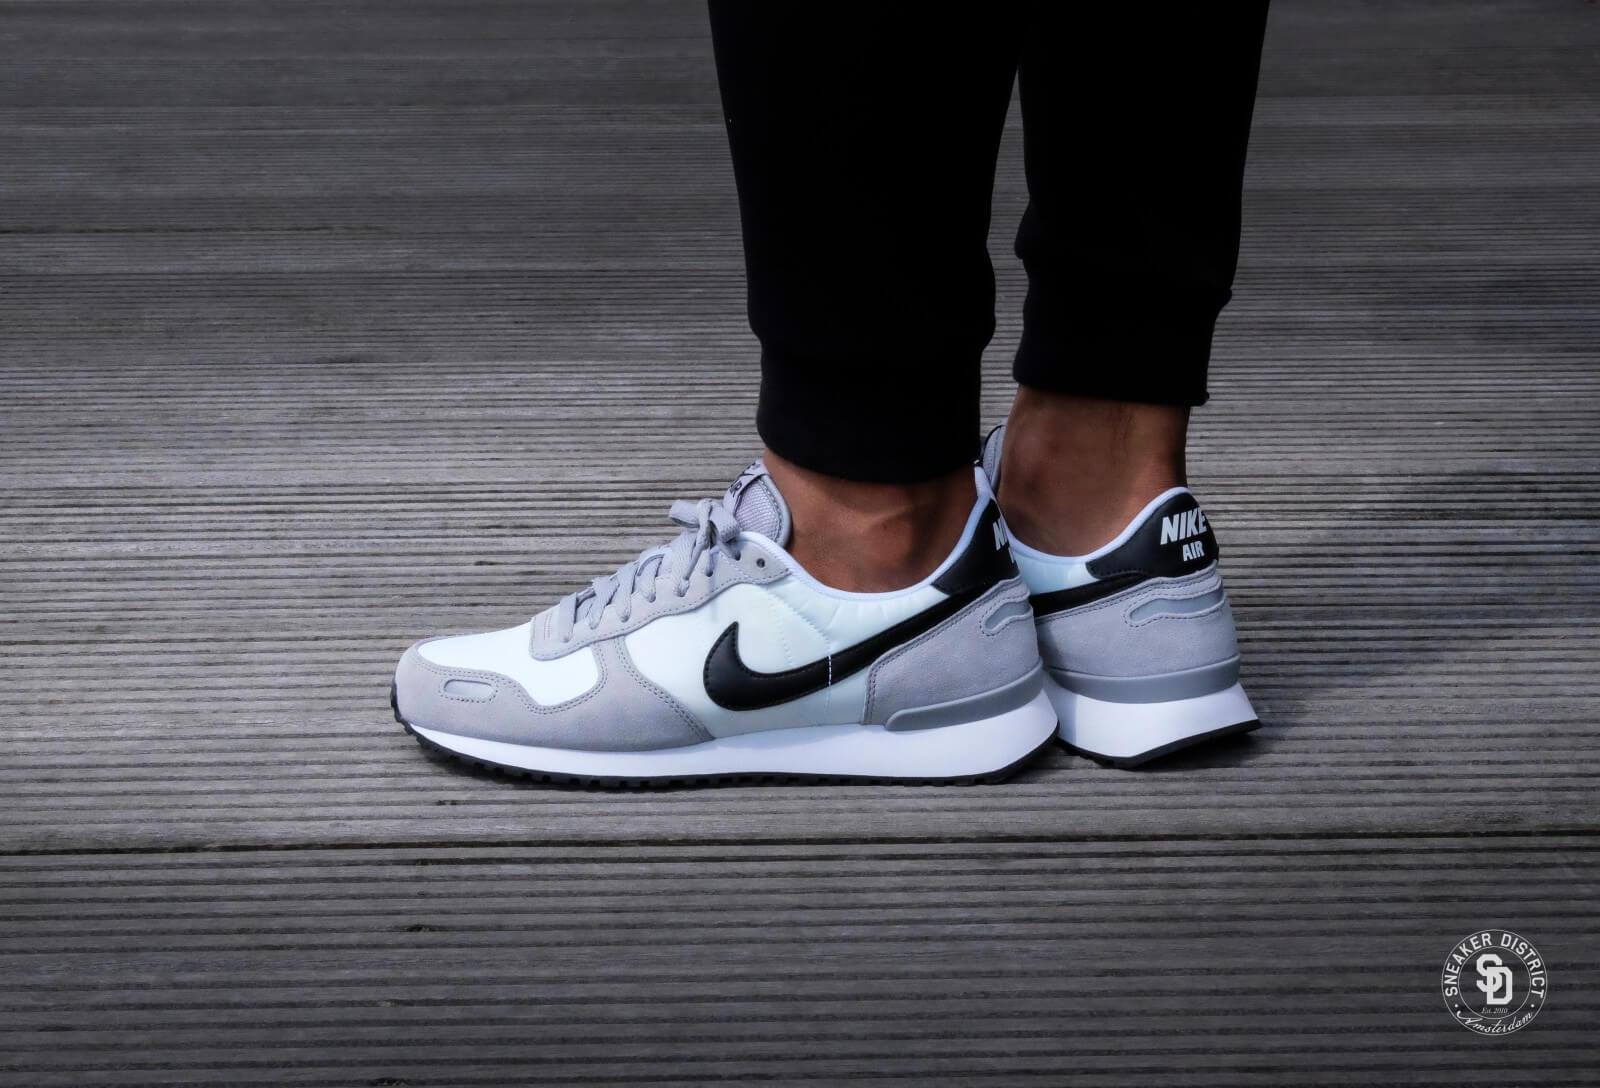 Nike Air Vortex Wolf Grey/Black-White